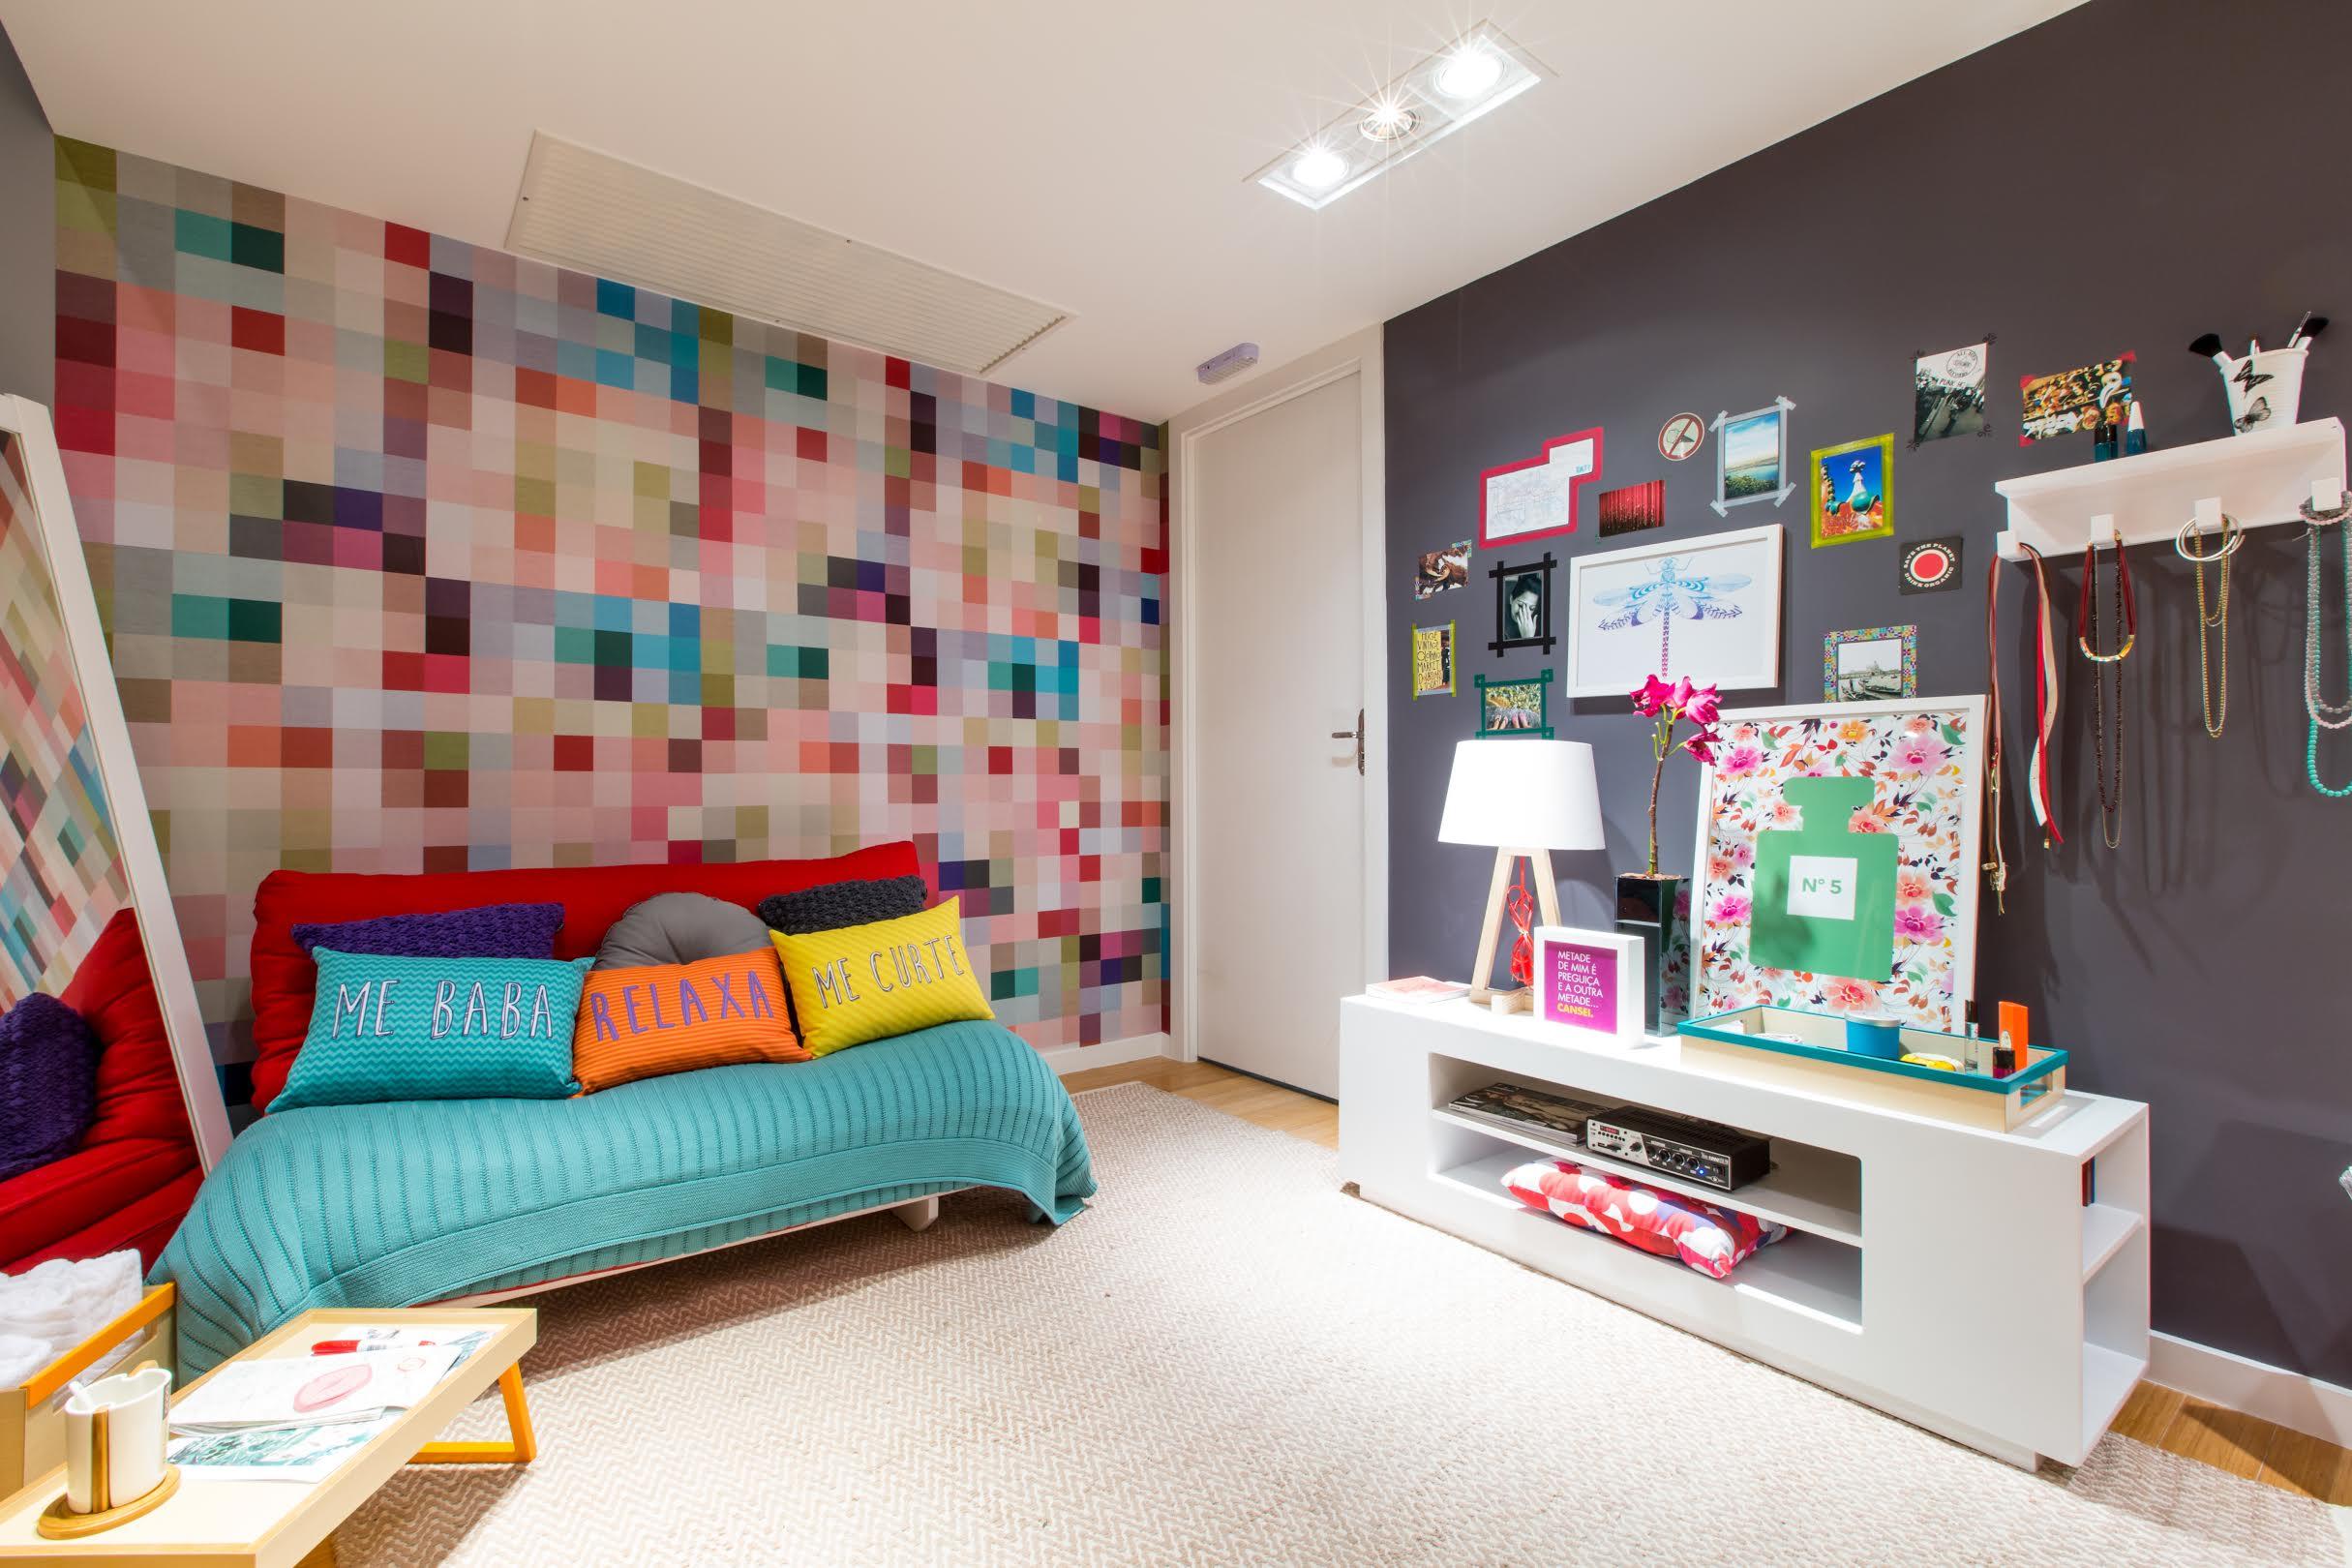 50 dise os que har n motivarte para decorar tu cuarto for Cuanto es un cuarto